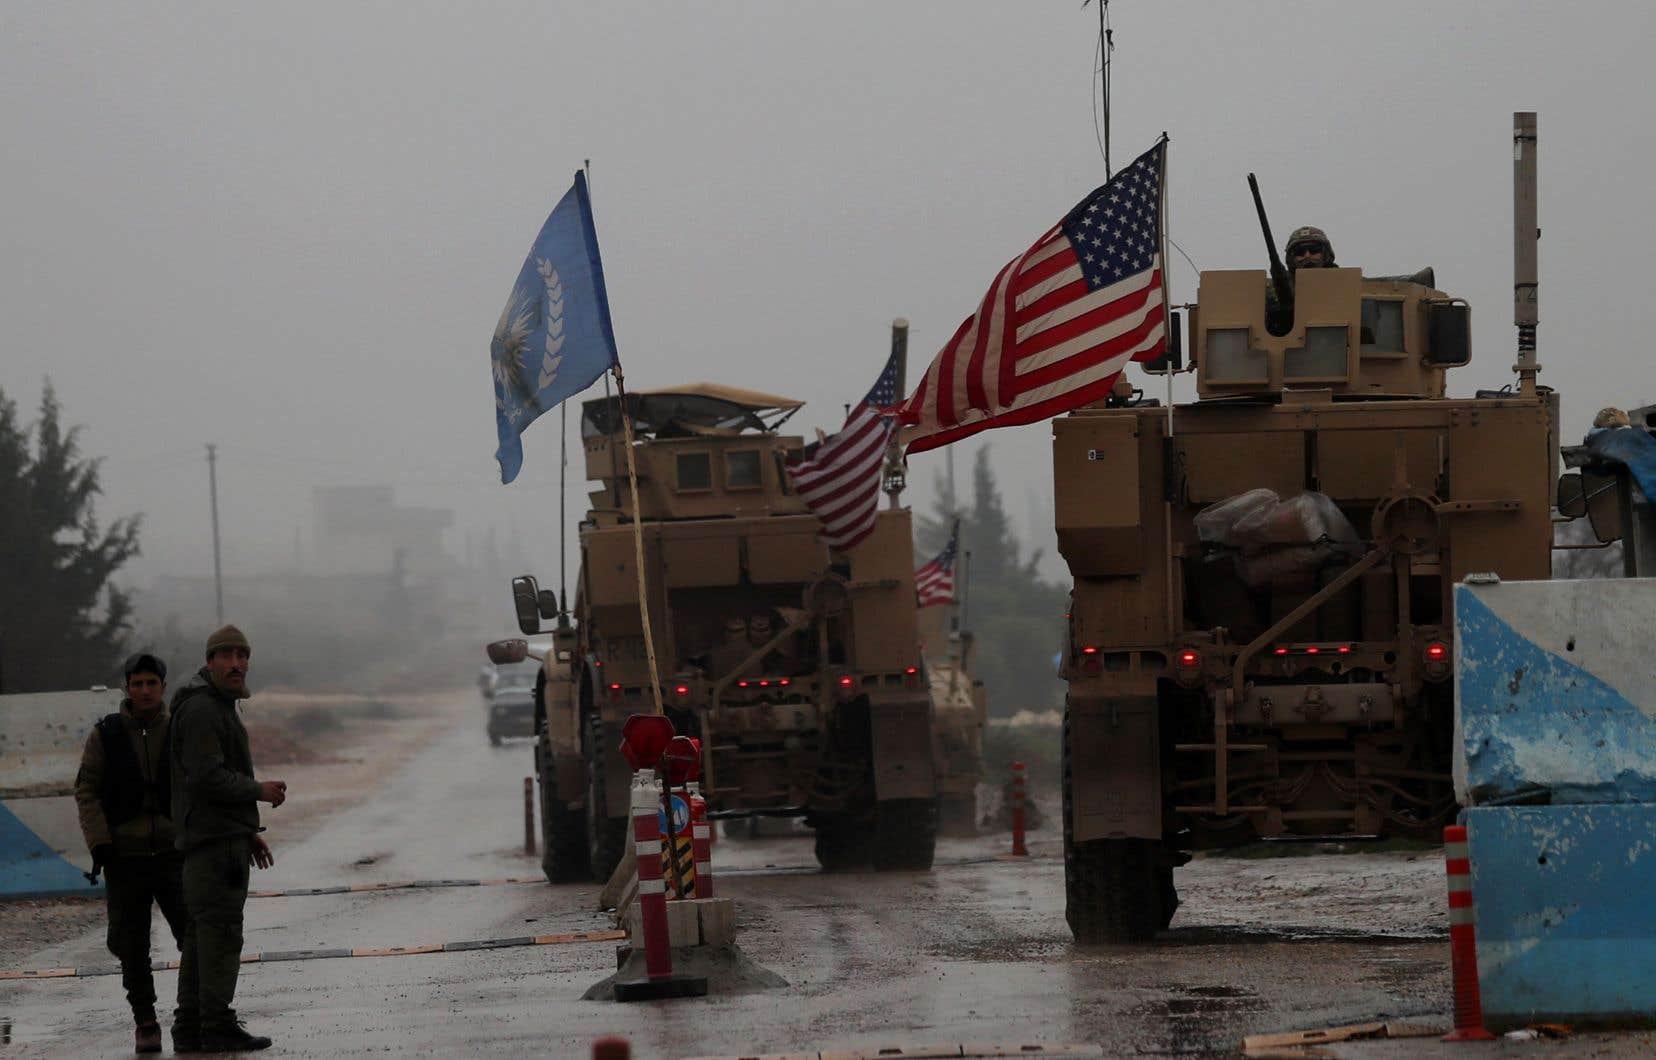 <p>Les troupes américaines, essentiellement des forces spéciales, sont présentes pour combattre le groupe EI et former les forces locales dans les zones reprises aux djihadistes.</p>